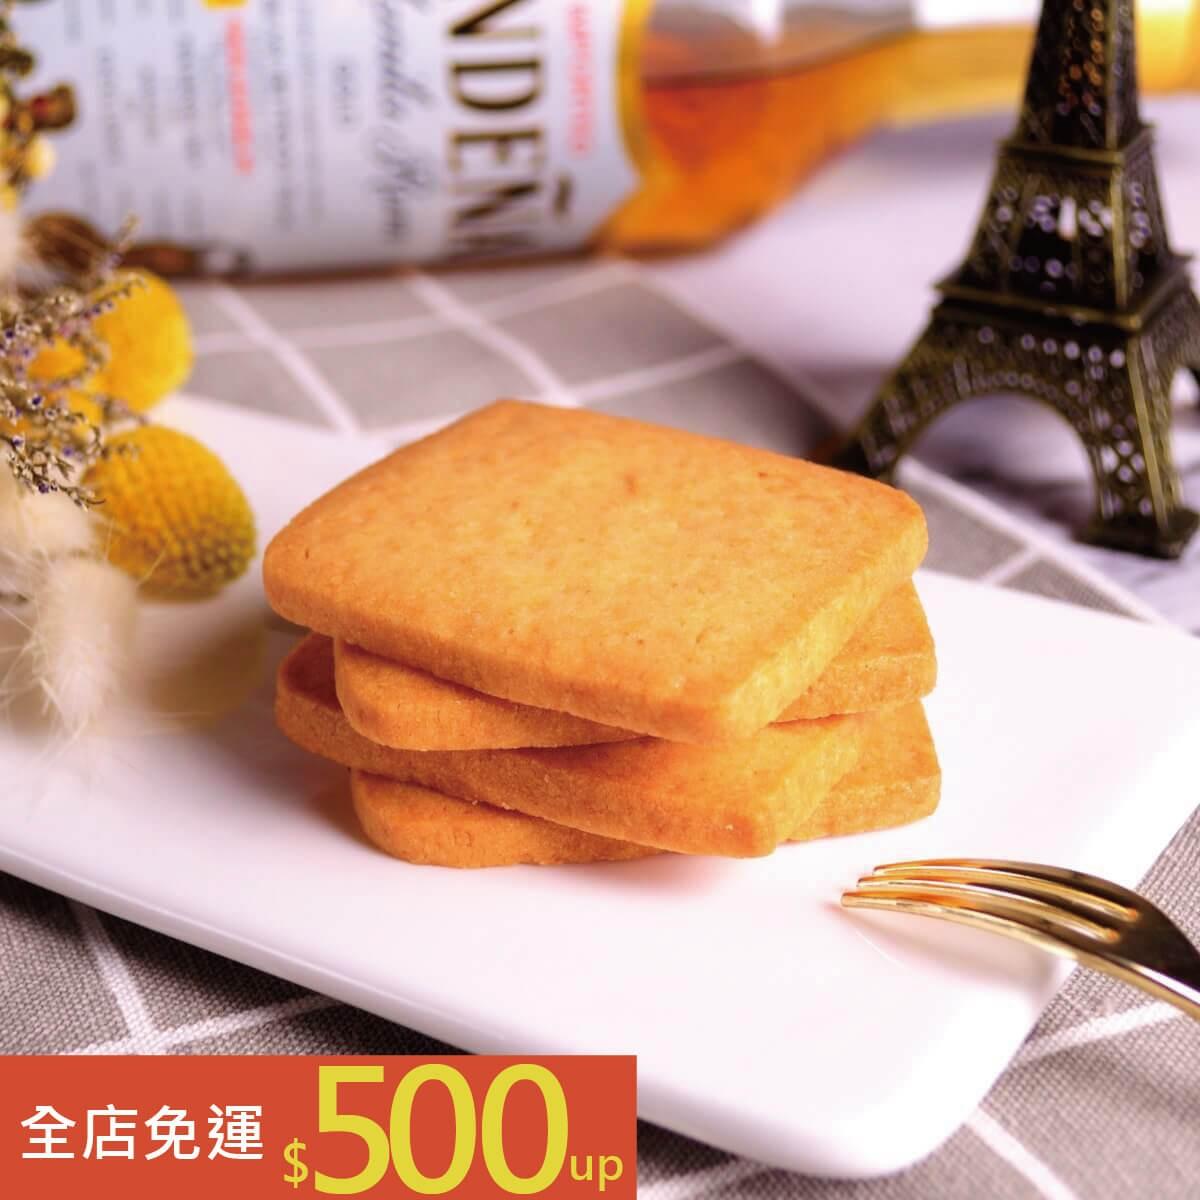 【滿500免運】綜合餅乾2入隨手包/帕瑪森起司/伯爵茶/蔓越莓餅乾